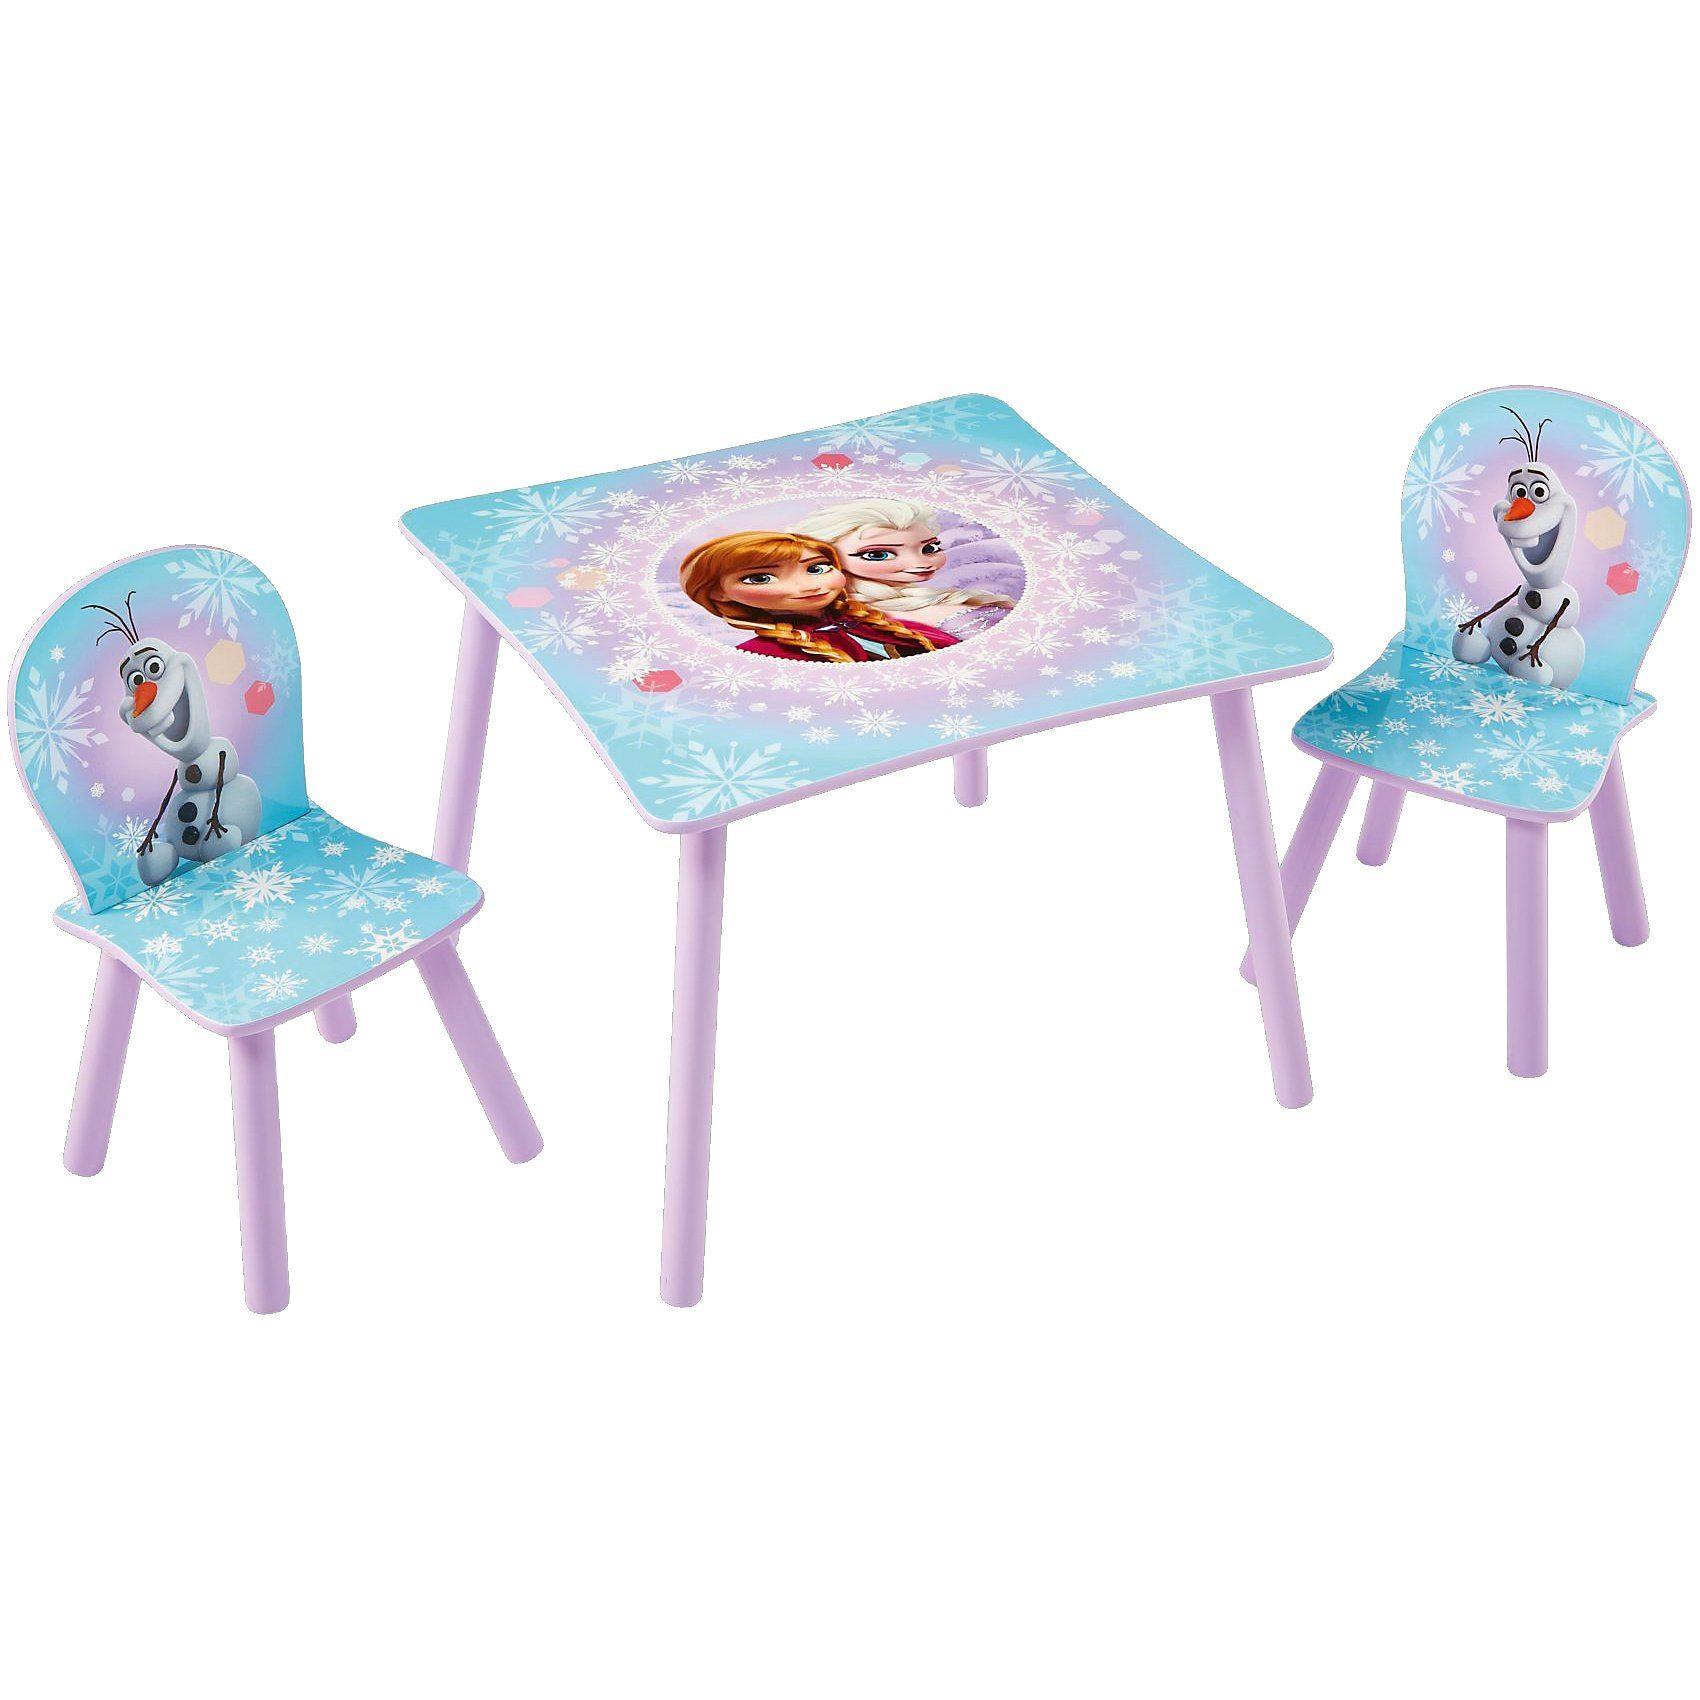 WORLDS APART Kindersitzgruppe 3-tlg., Die Eiskönigin, Elsa und Anna